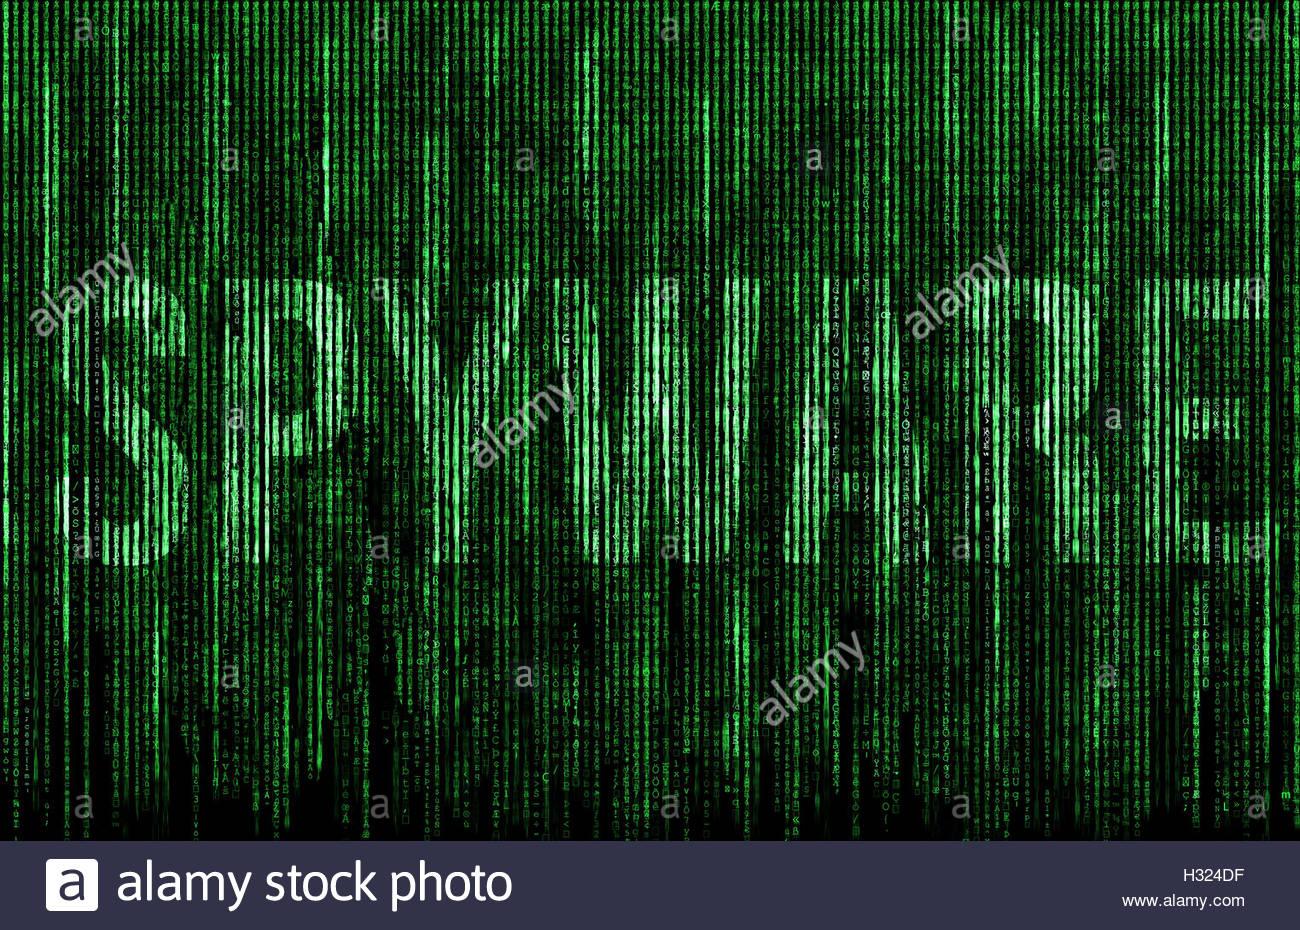 Spyware ilustración digital Matrix Imagen De Stock